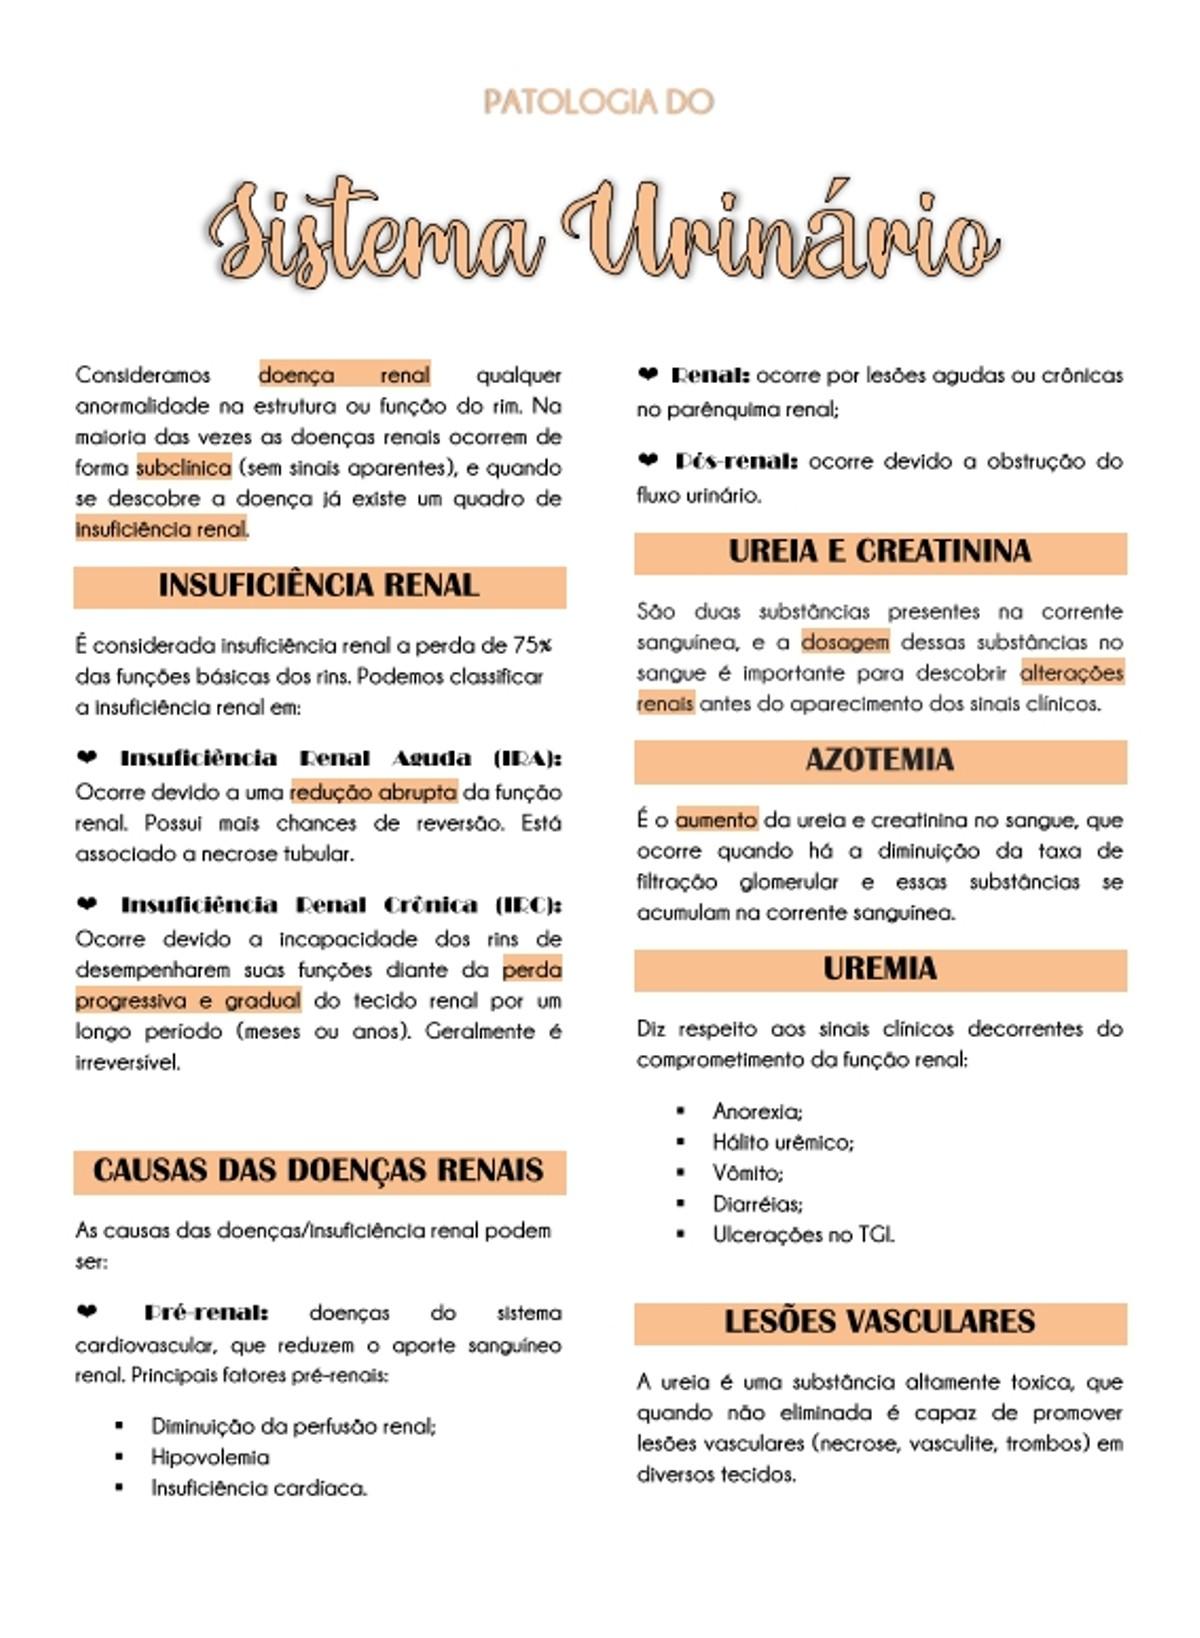 Pre-visualização do material Patologia do sistema urinário - página 1